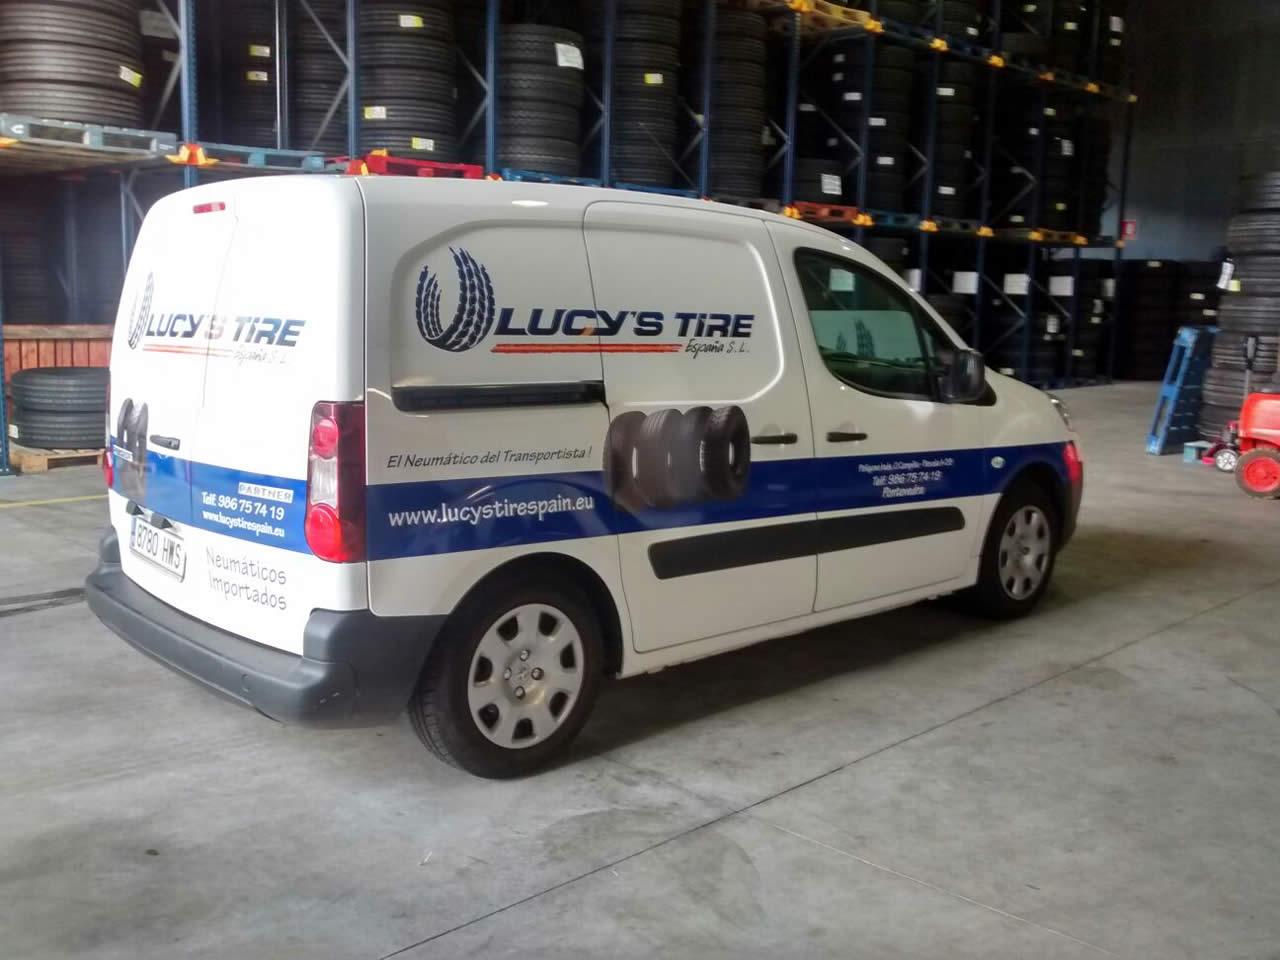 rotulos-pontevedra-rotulacion-furgoneta-lucys-tire